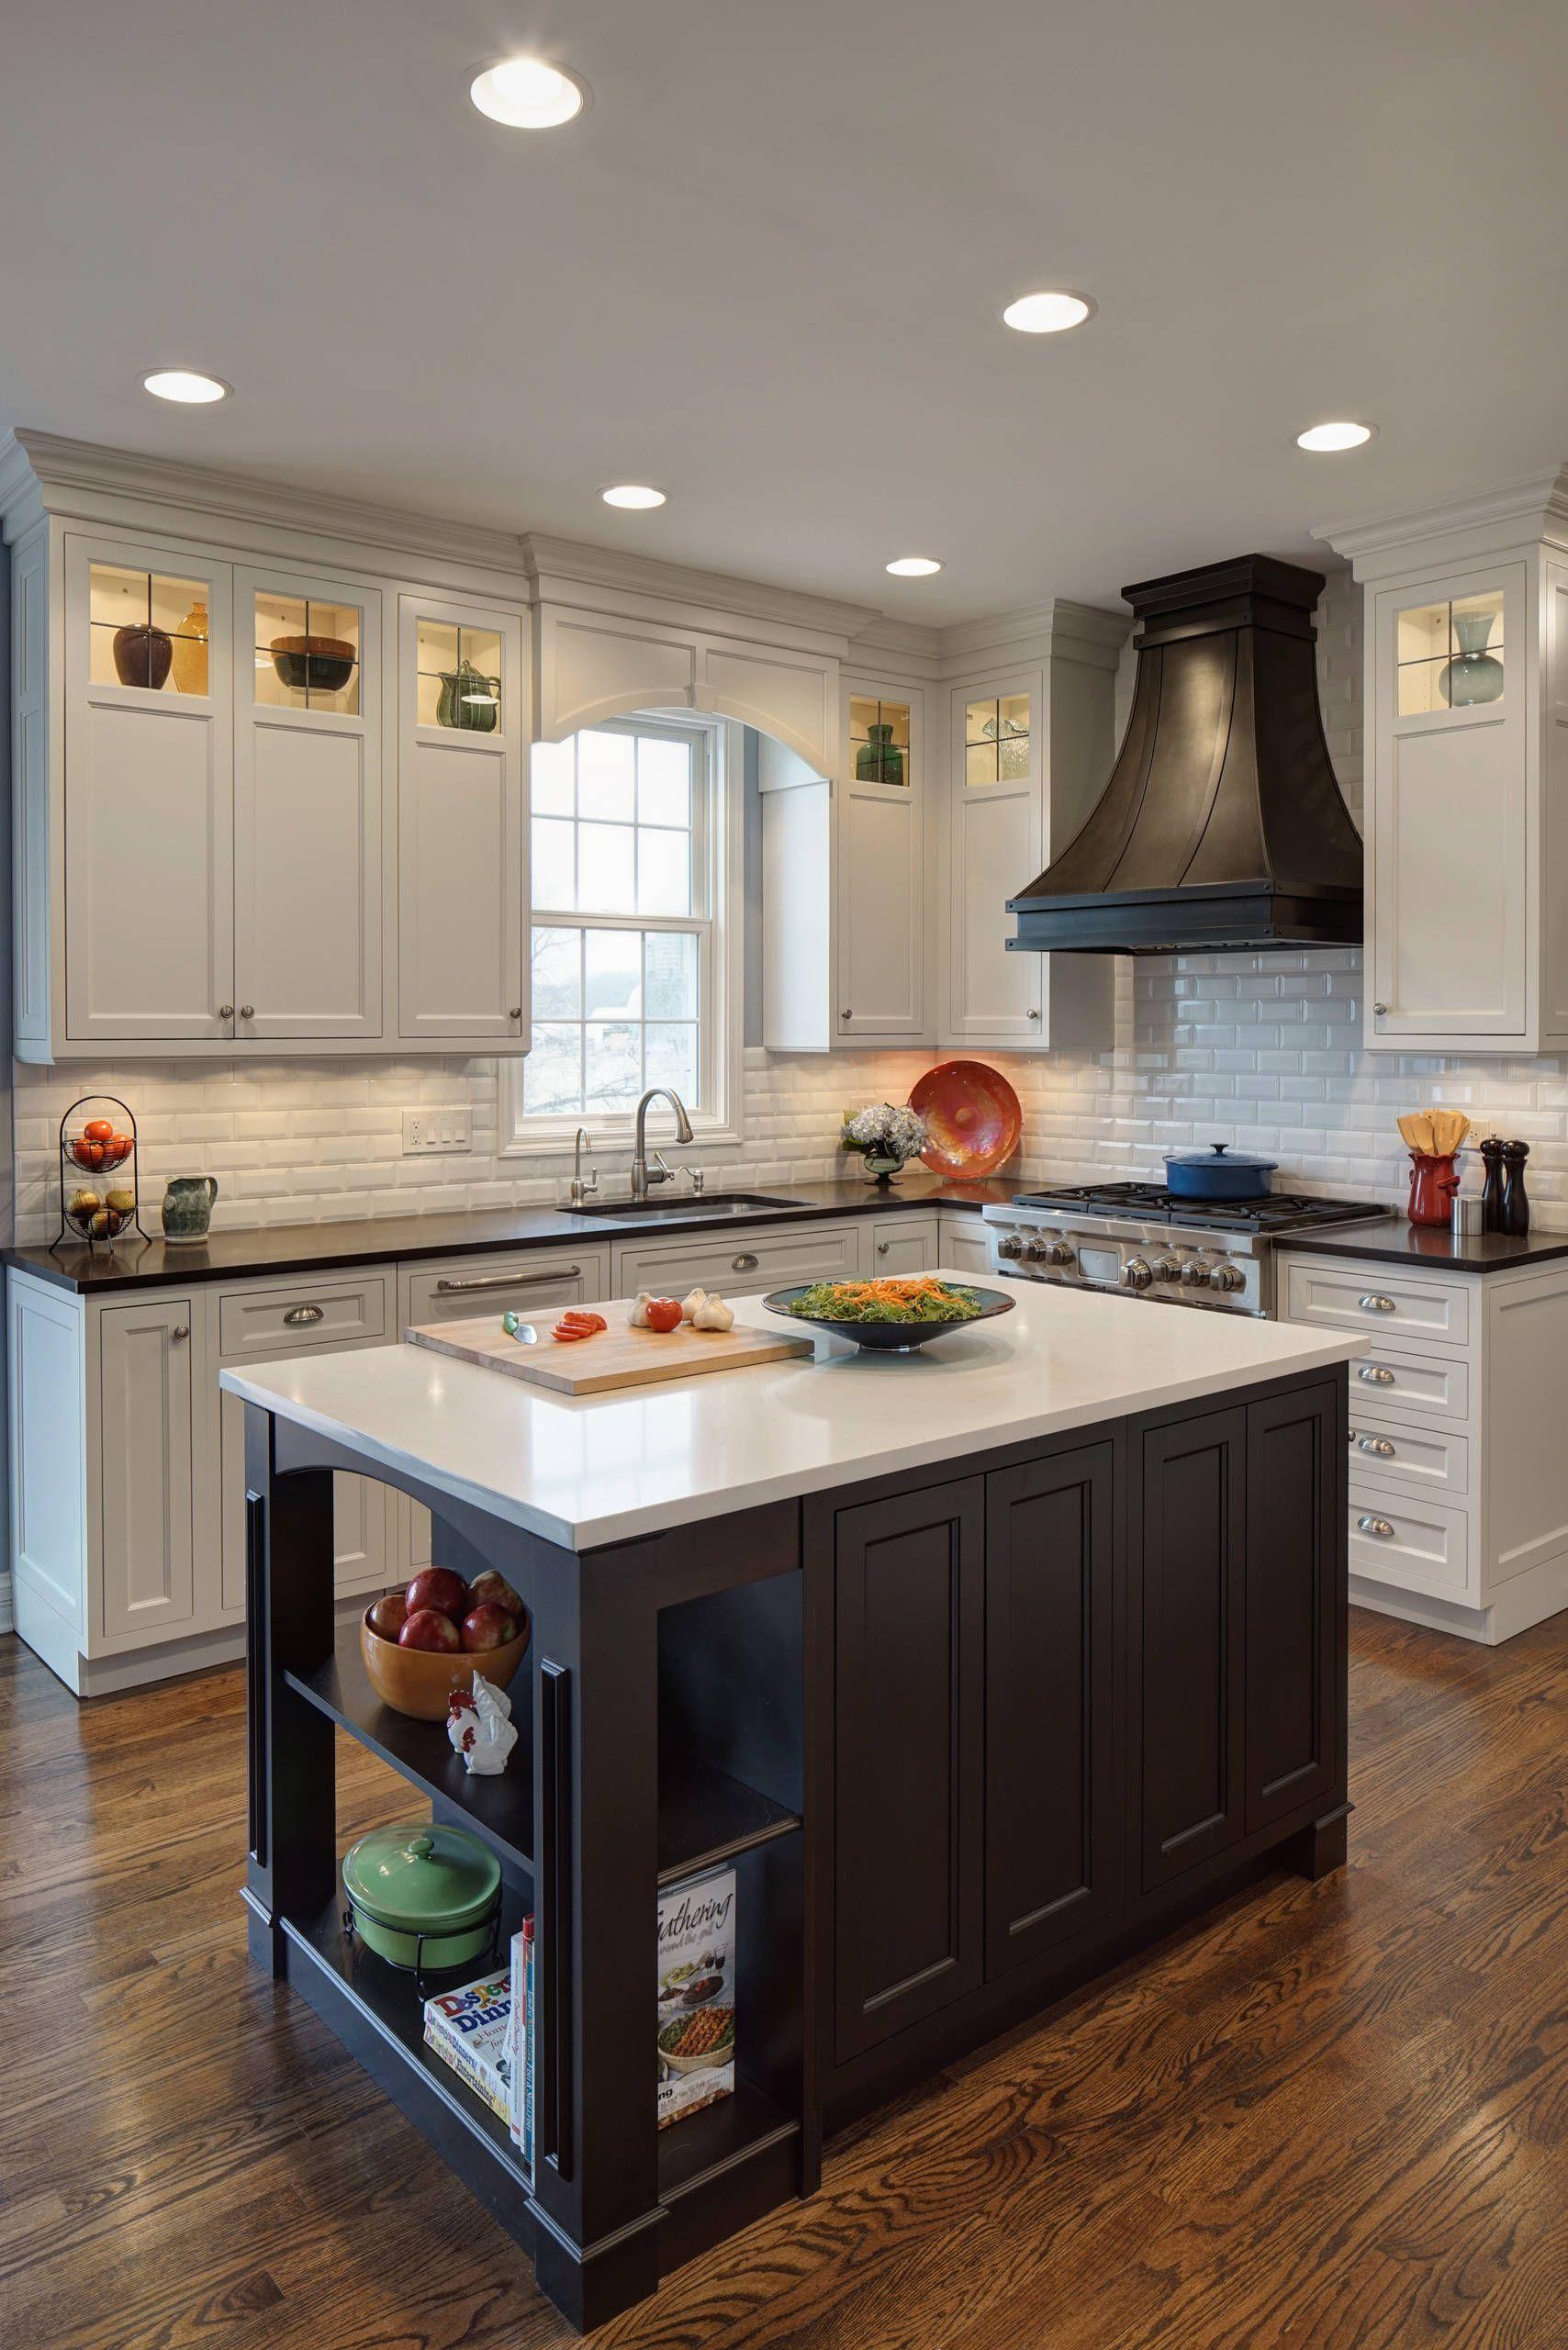 Ideen für küchenideen pin von baranka lilia auf konyha  pinterest  haus küchen ideen